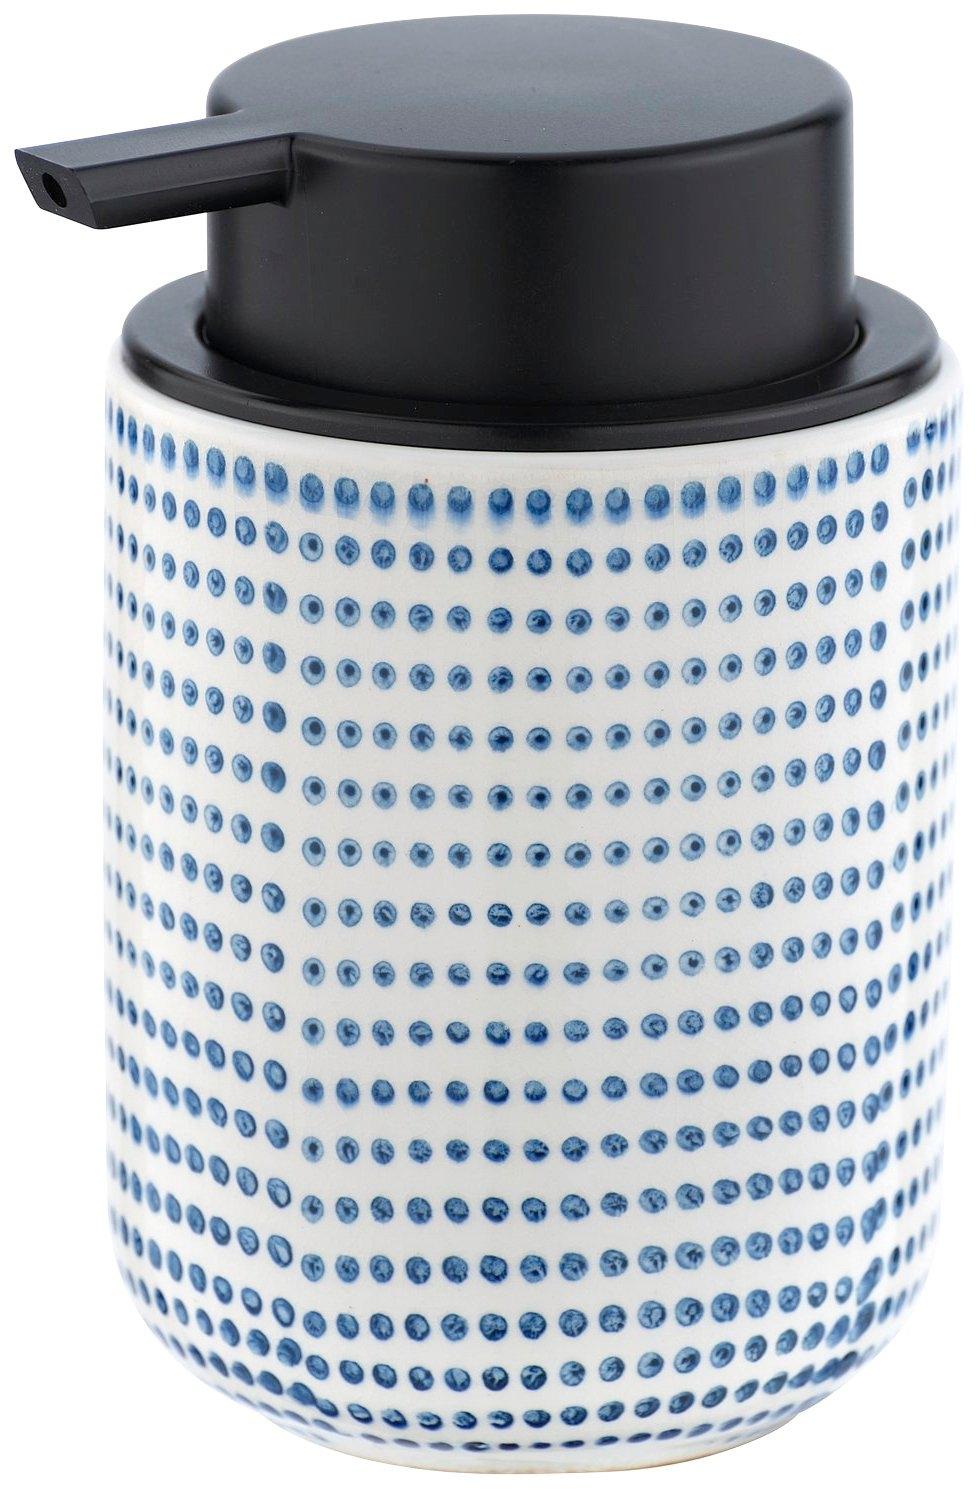 WENKO zeepdispenser Nole Vloeibare zeepdispenser, afwasmiddeldispenser, keramiek, 300 ml goedkoop op otto.nl kopen